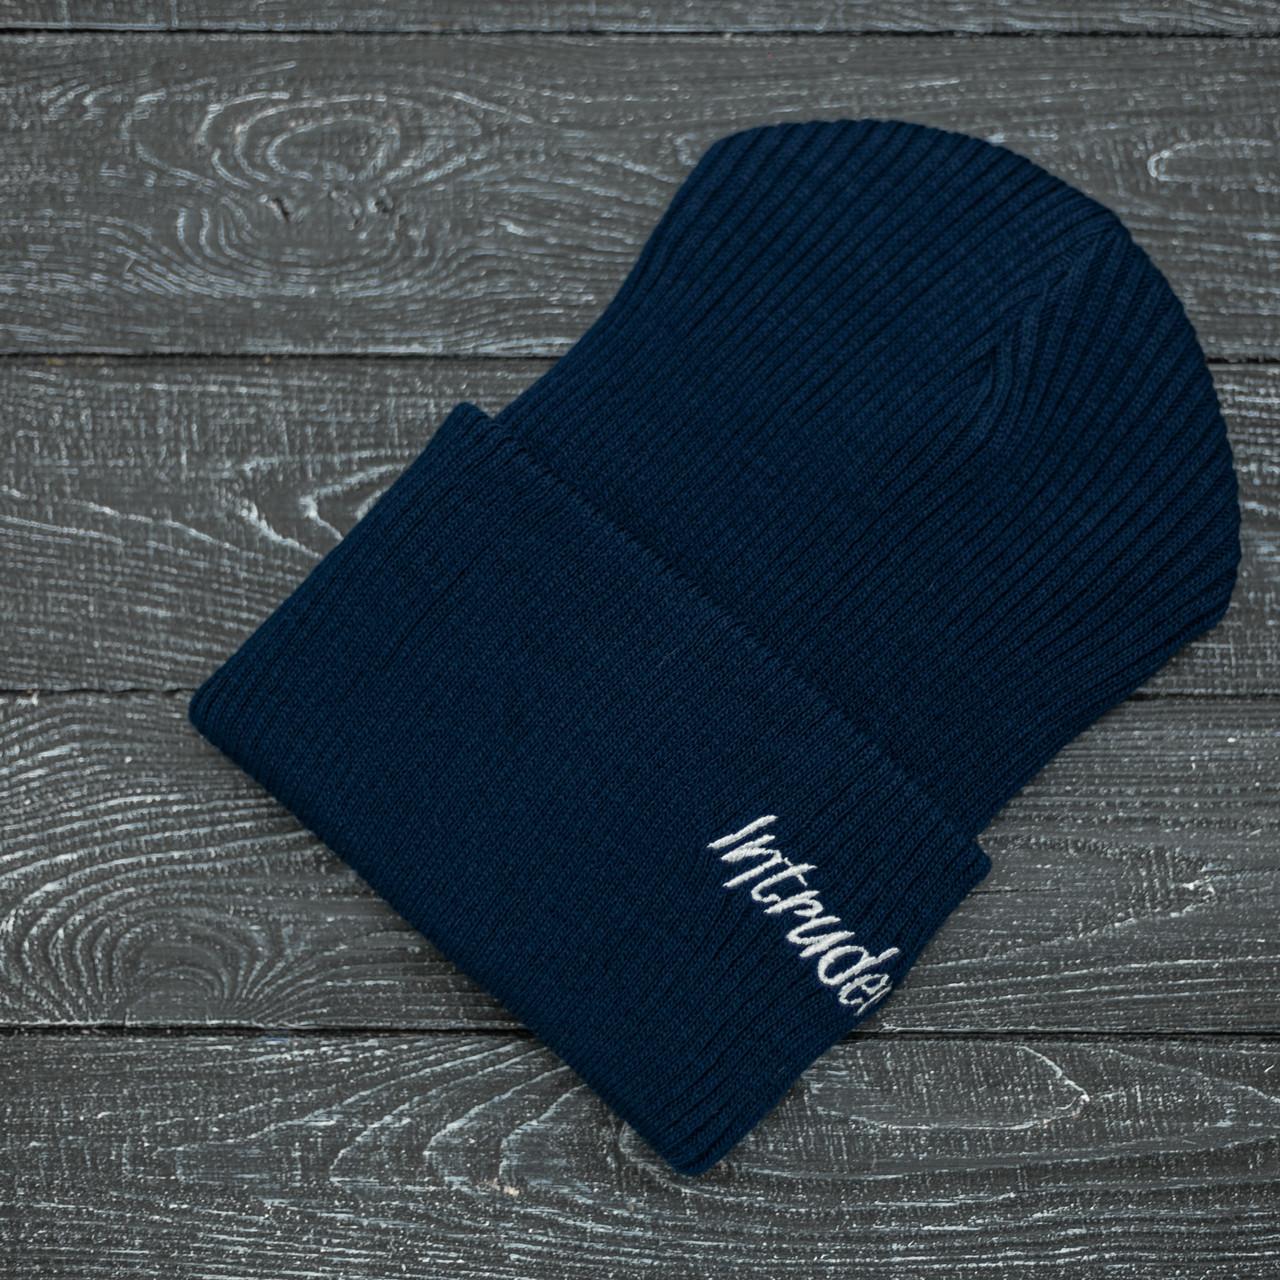 Чоловіча шапка Fila (Філа) чорна, зимова